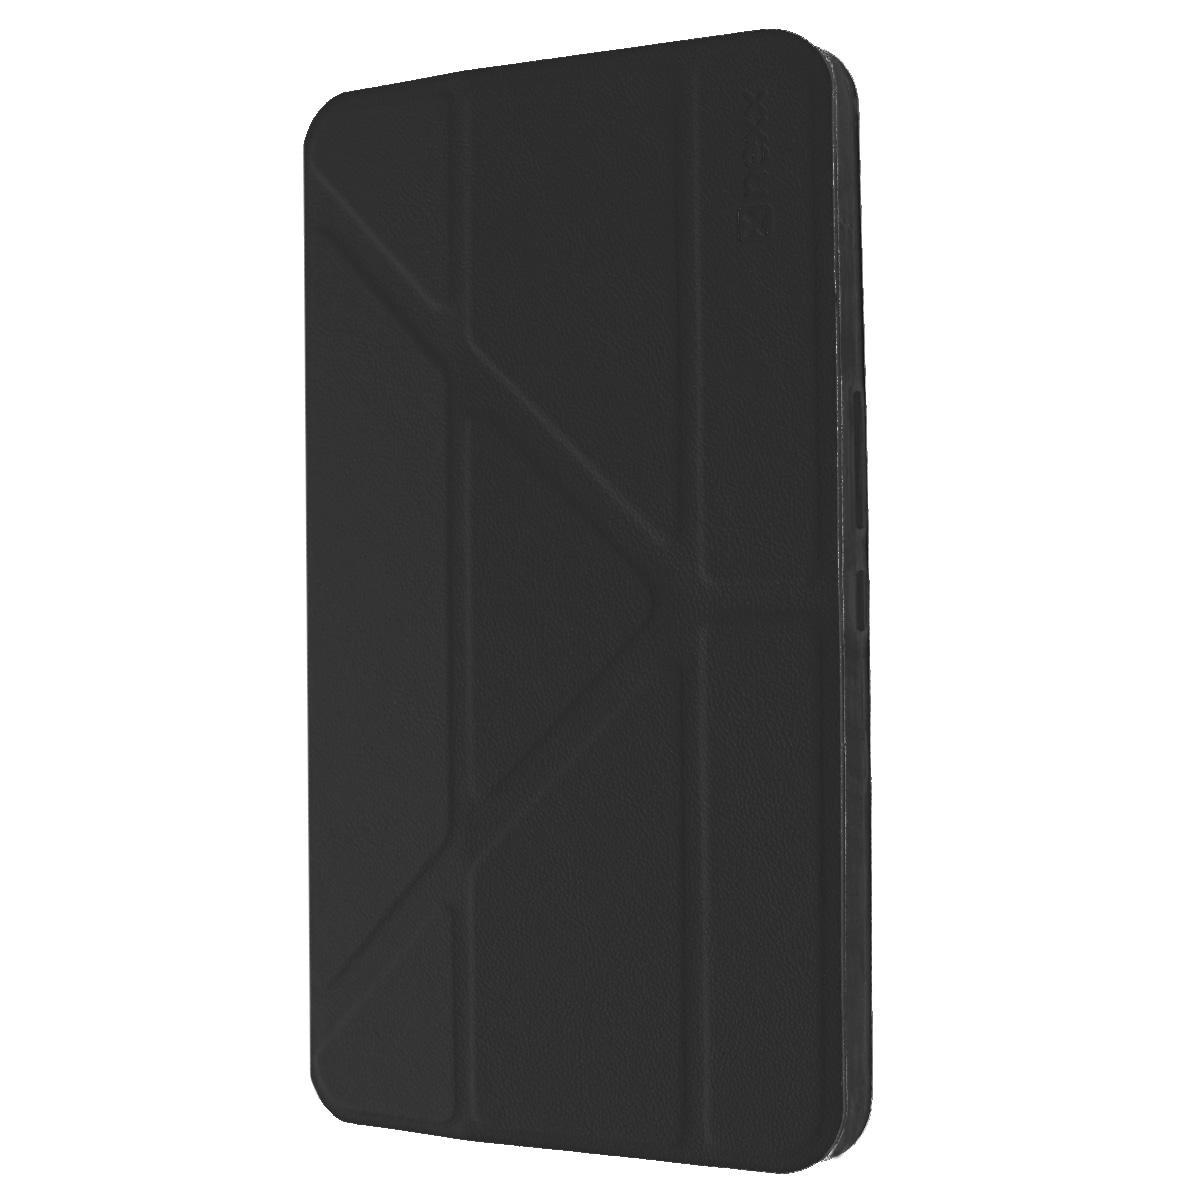 Nexx Smartt чехол для Huawei Mediapad X1, BlackNX-TPC-ST-800-BKЗащитный чехол Nexx Smartt для Huawei Mediapad X1. Коллекция чехлов Smartt сочетает в себе функциональность и надежность. Особенностью чехла является его способность принимать форму вашего планшета и сливаться с ним воедино, практически не увеличивая вес и габариты. Конструкция крышки чехла со встроенными магнитами позволяет разместить смартфон в удобном положении.